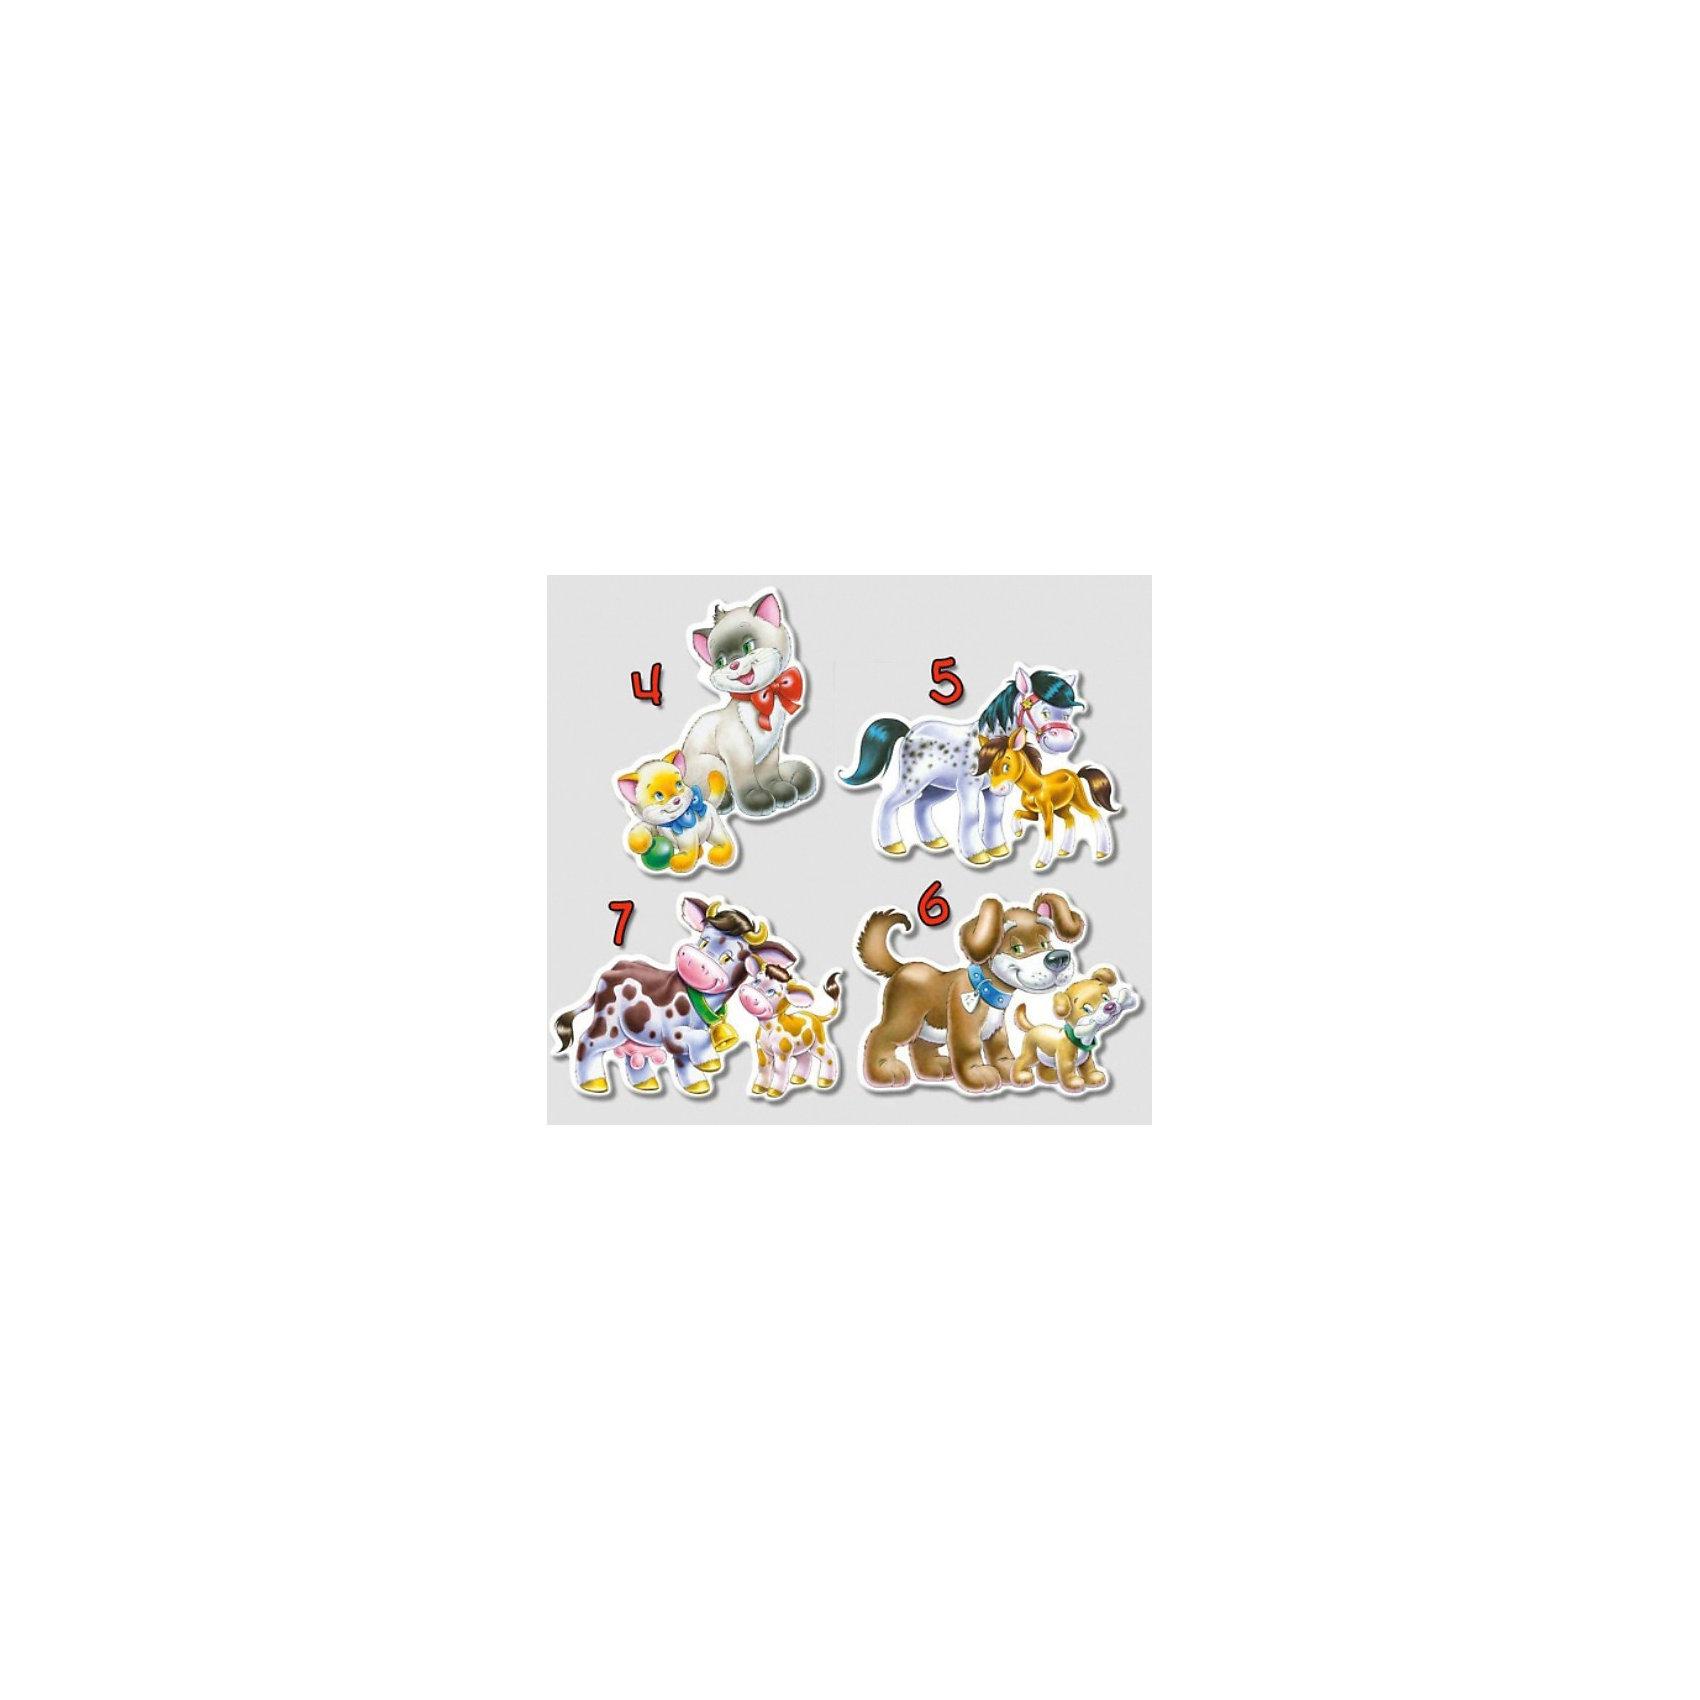 Castorland Контурные пазлы Домашние животные, 4*5*6*7 деталей, Castorland пазлы русский стиль макси пазлы африканские животные